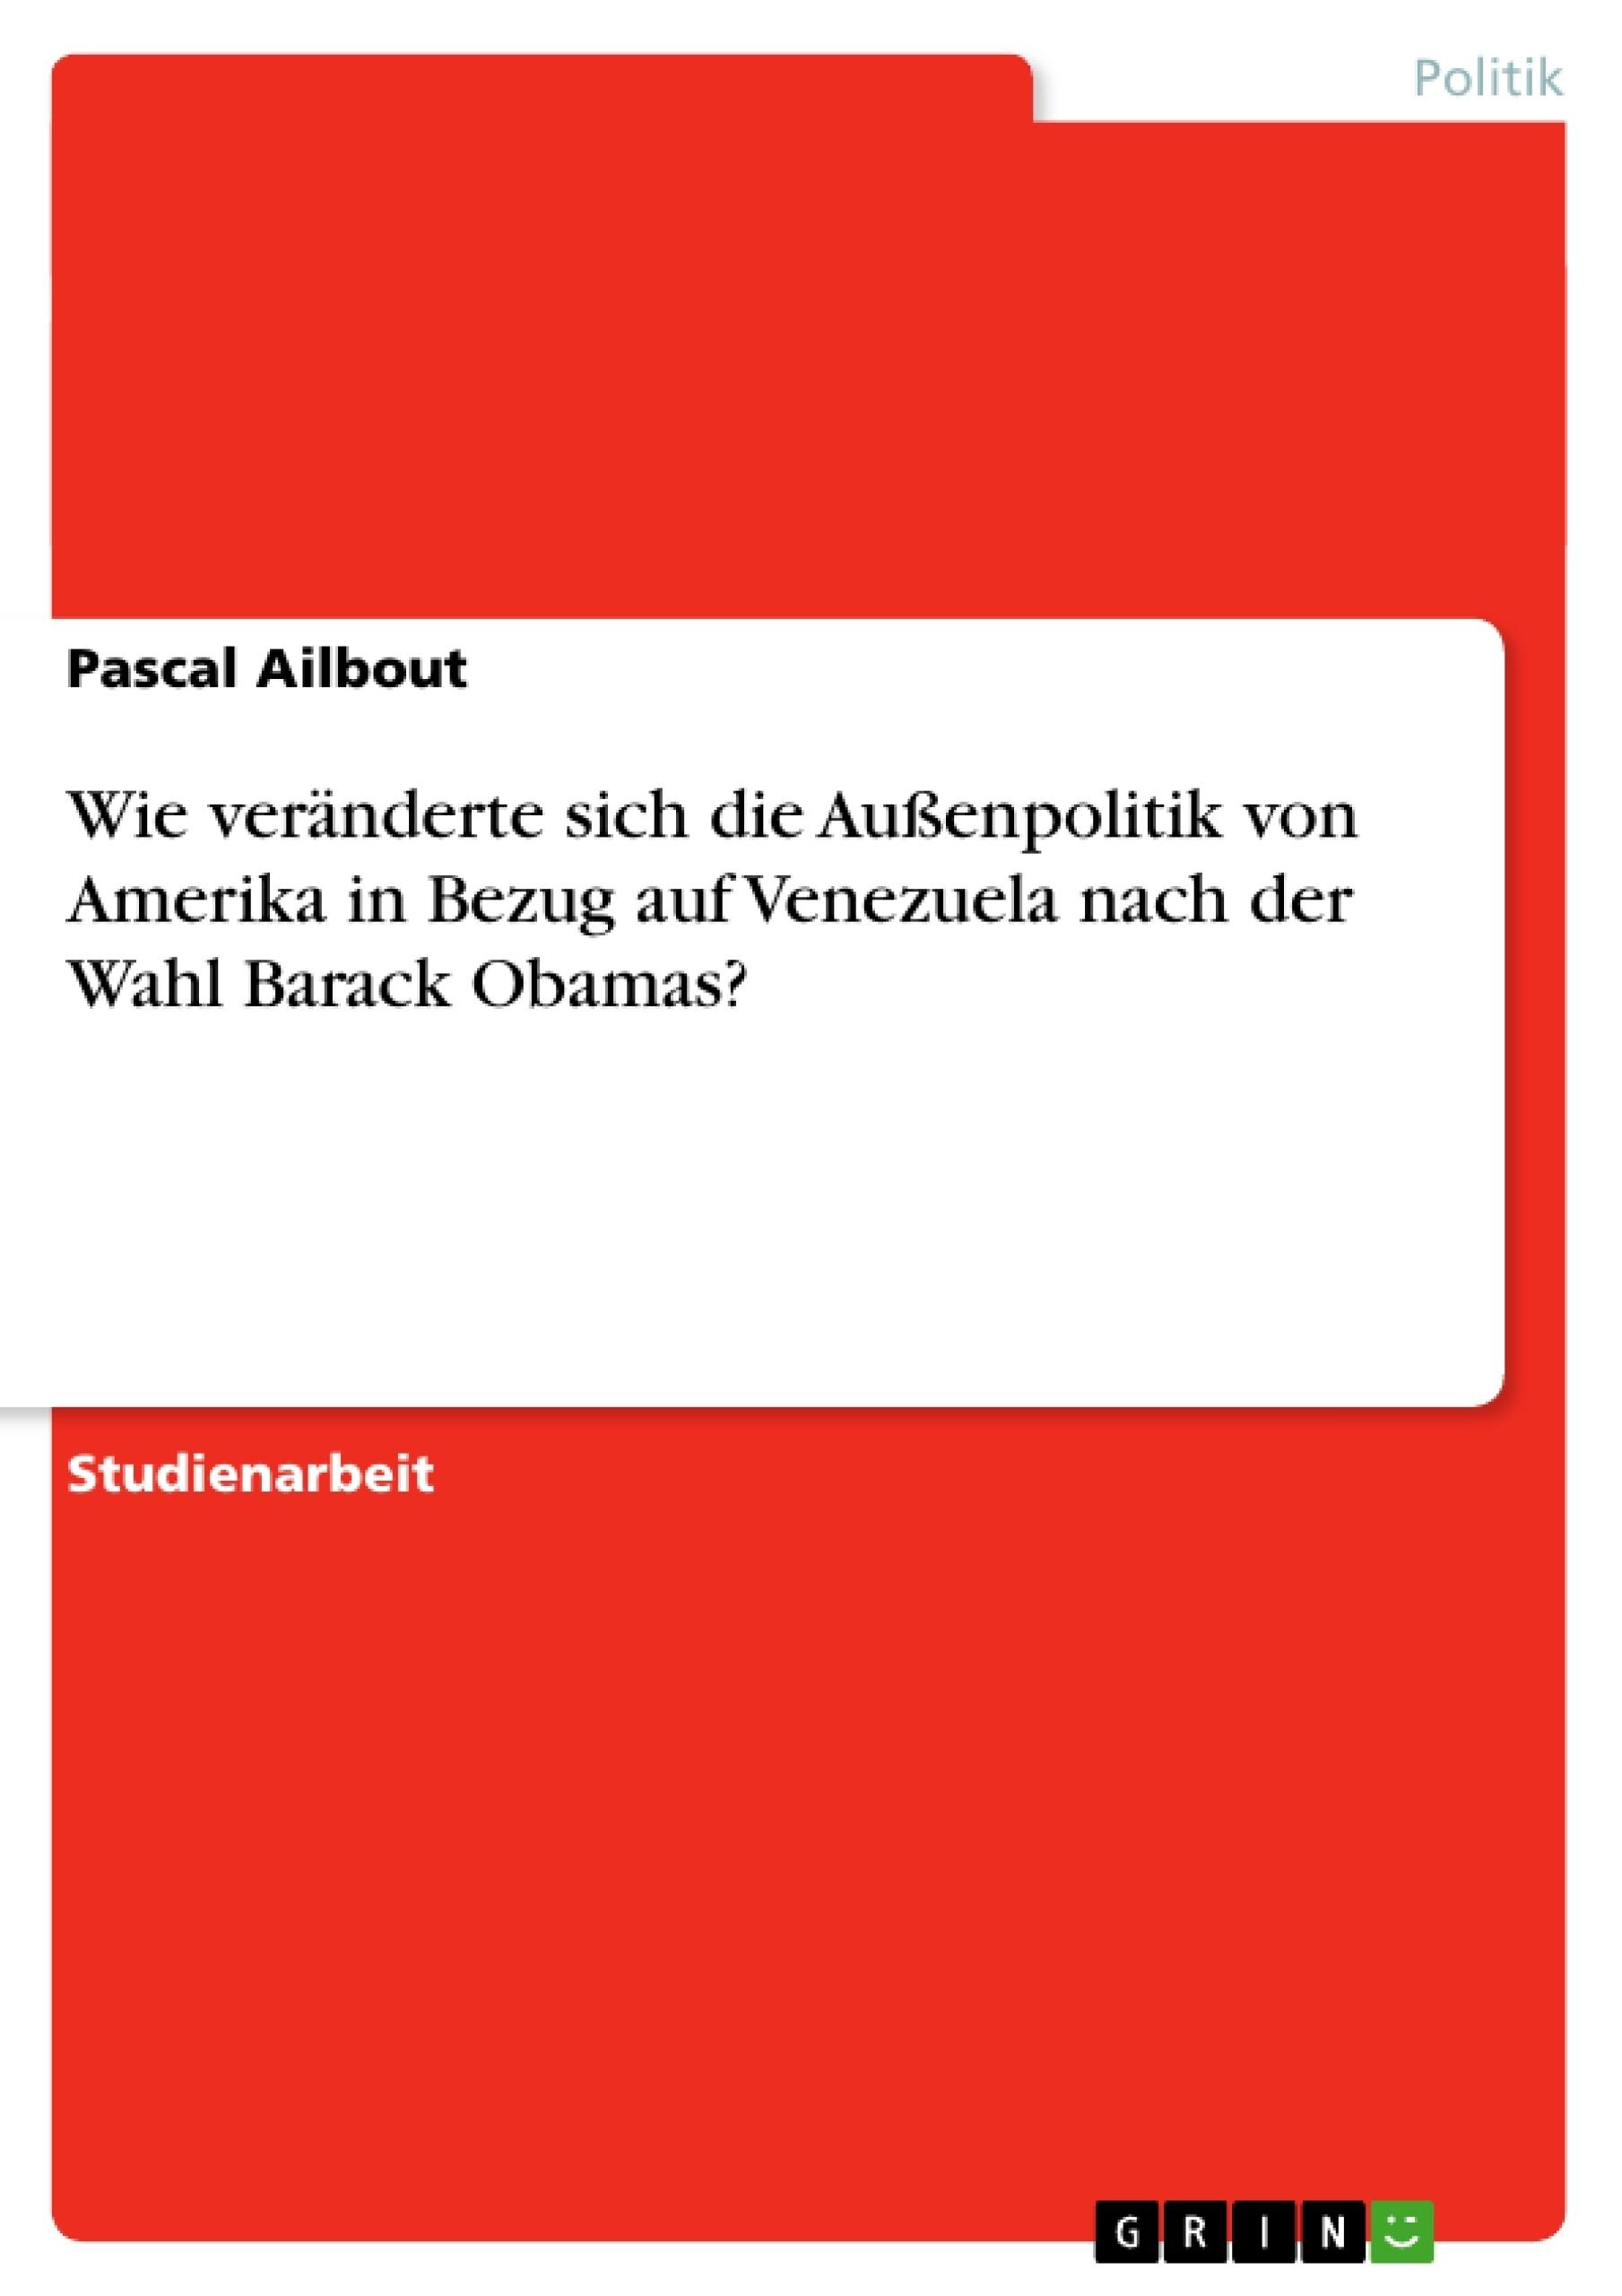 Titel: Wie veränderte sich die Außenpolitik von Amerika in Bezug auf Venezuela nach der Wahl Barack Obamas?